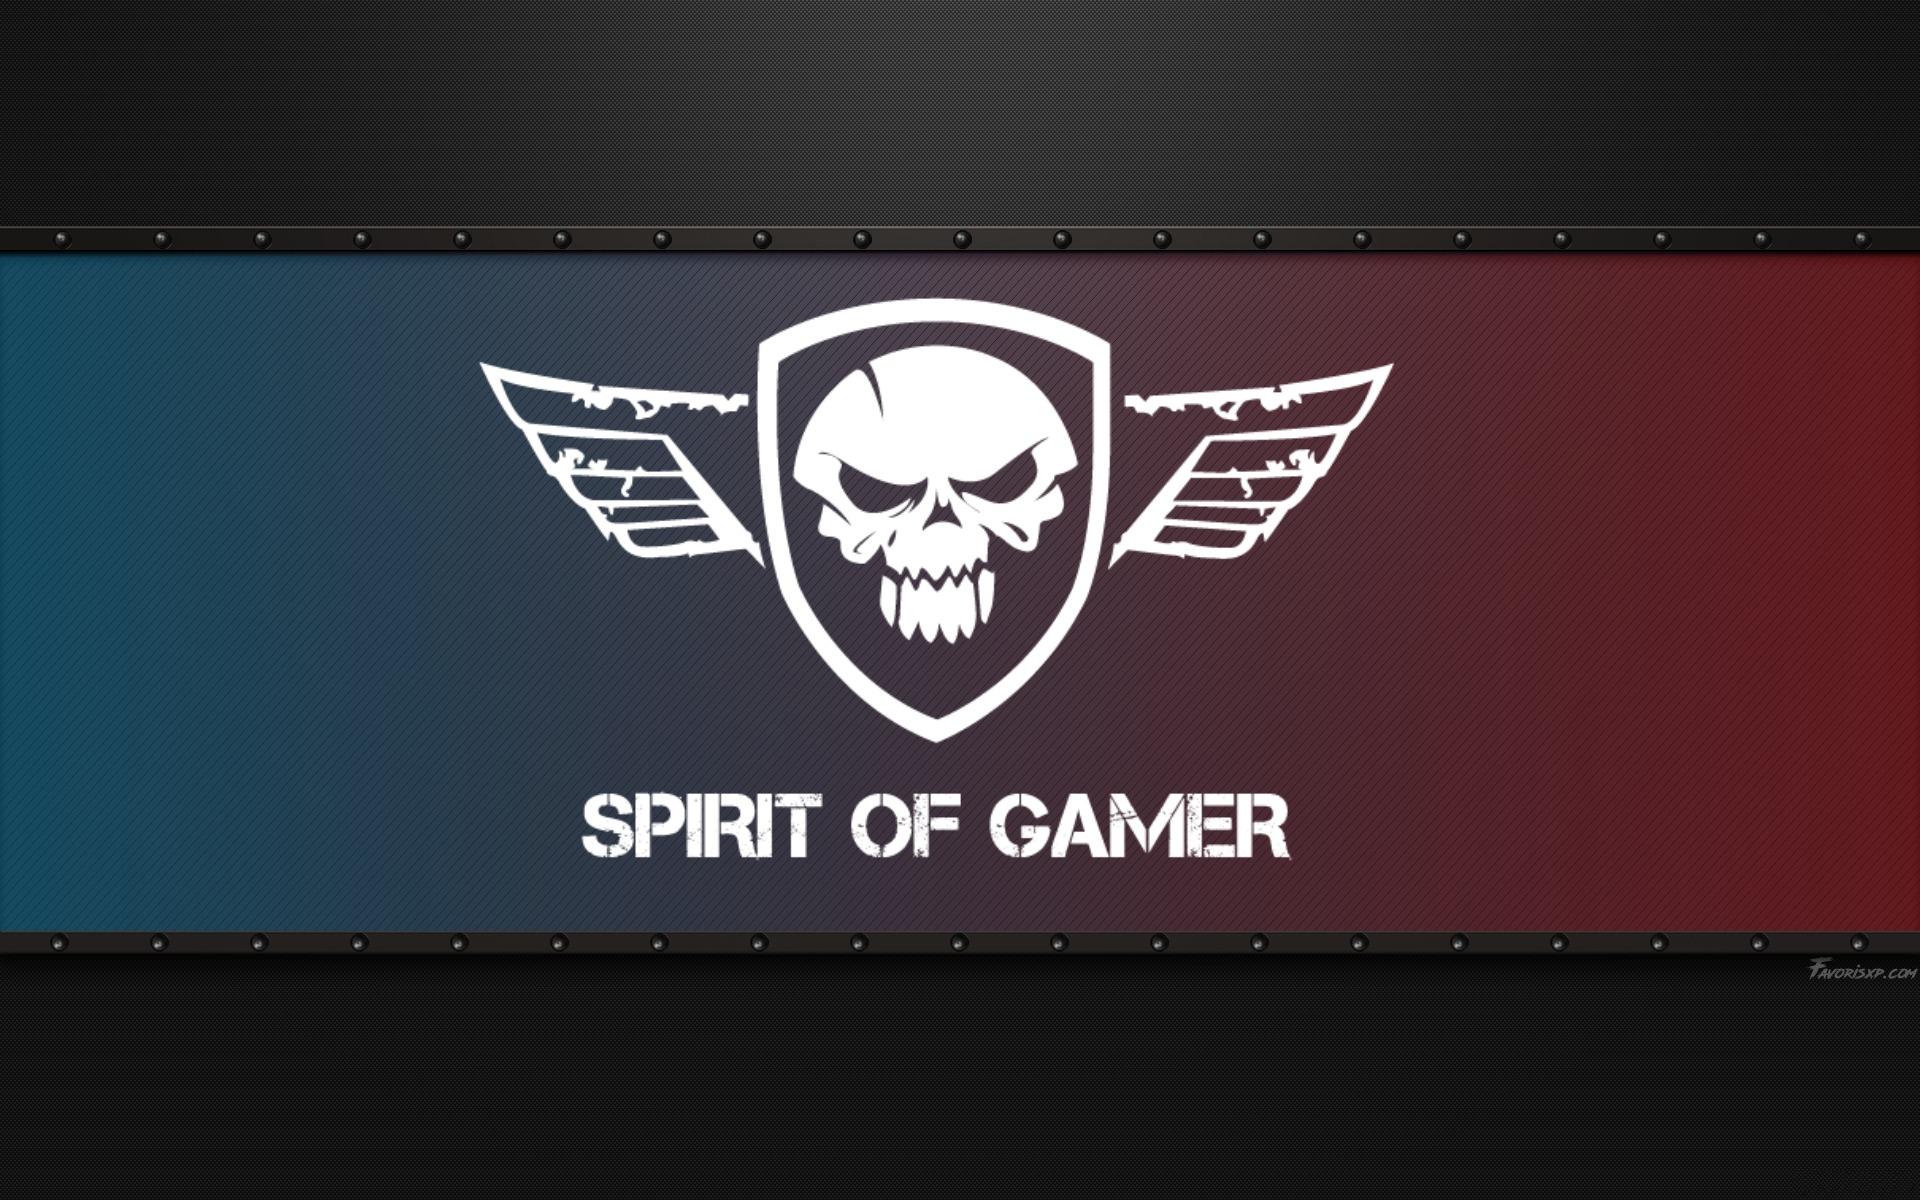 Fonds d'écran Gamers : arrière-plans HD pour PC Gaming